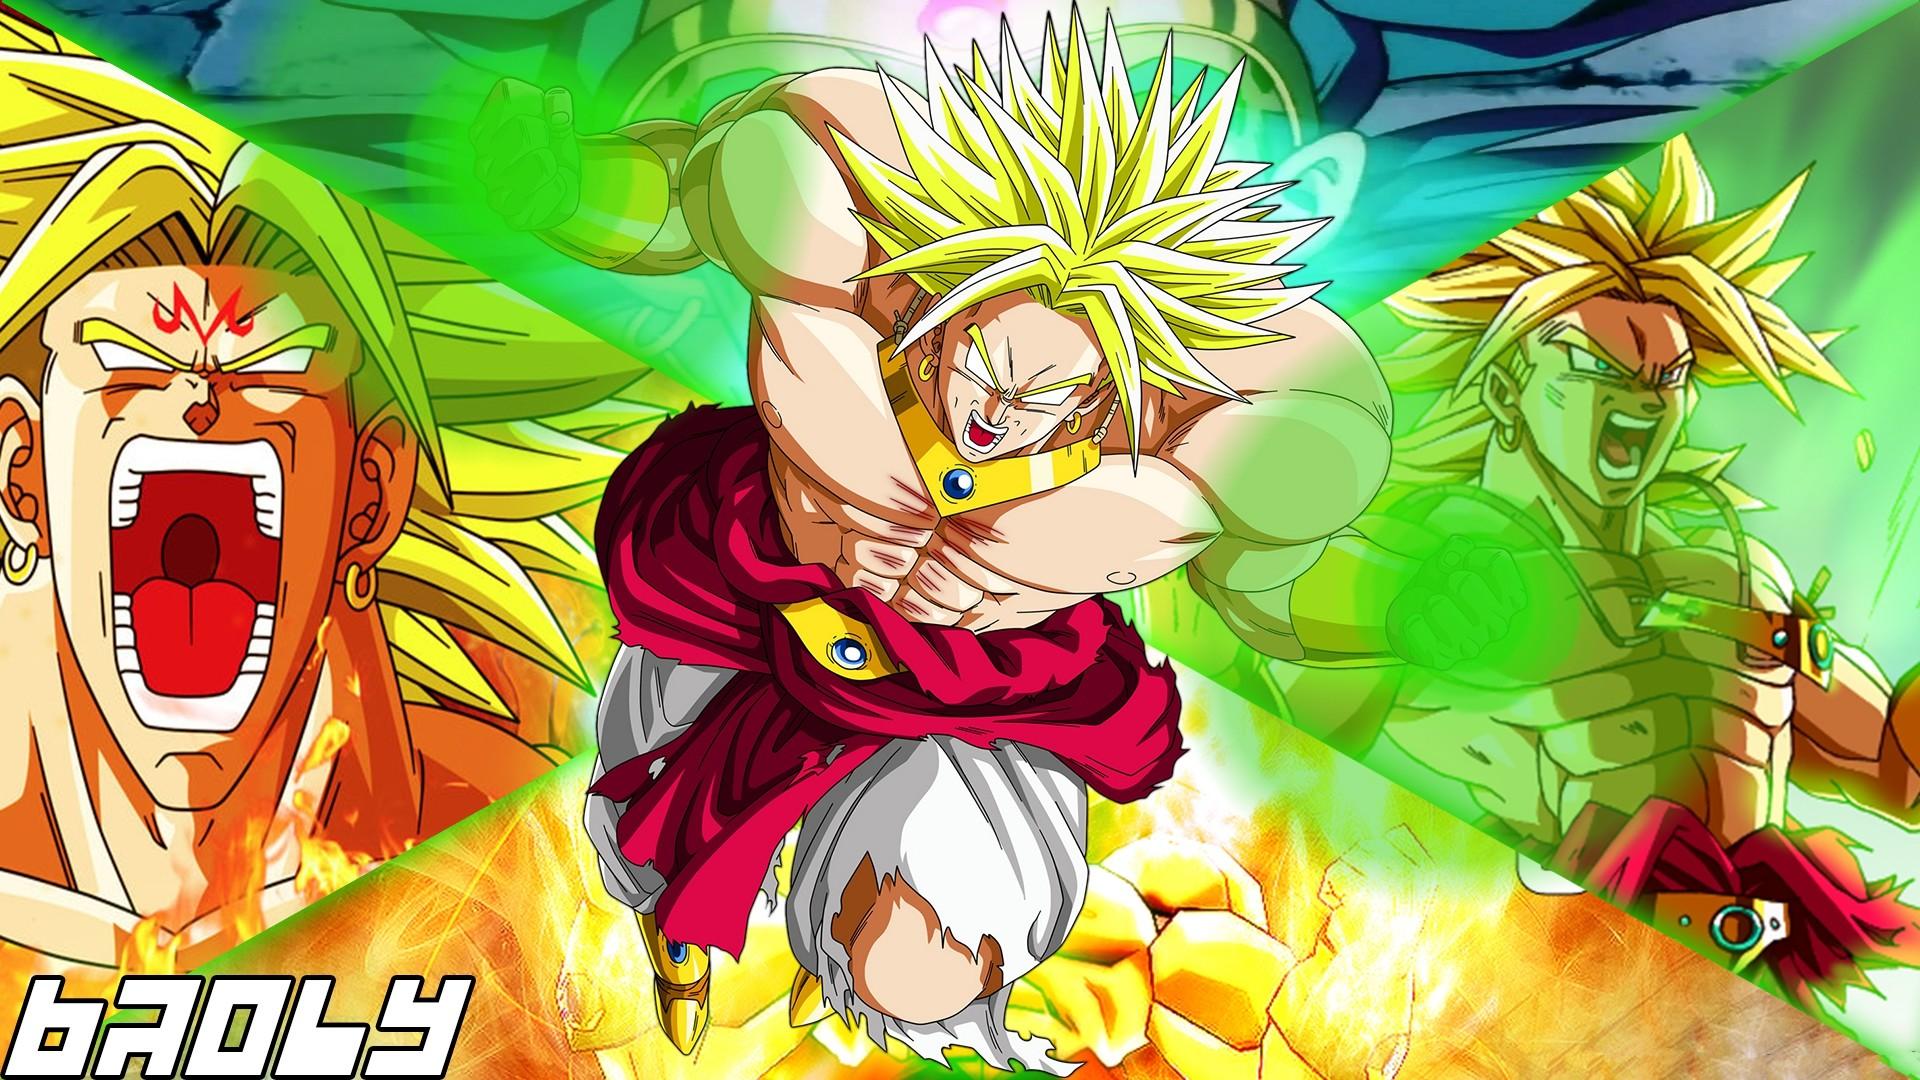 1920x1080 Dragon Ball Z Goku Wallpaper Download Jpb